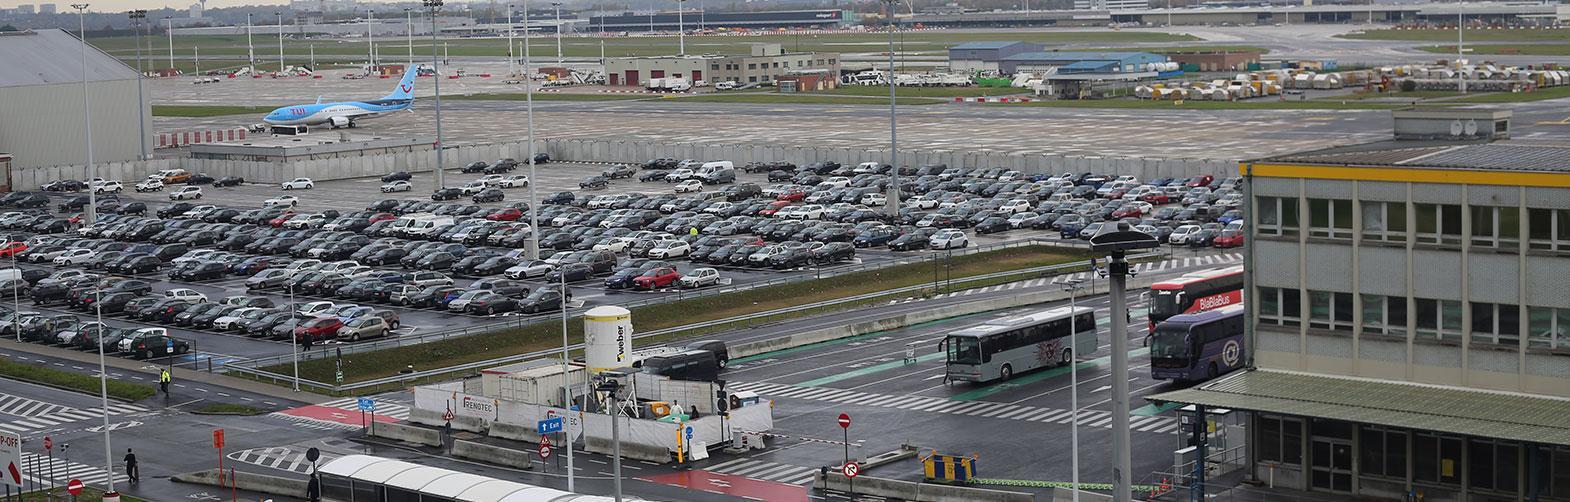 sector-vervoer-luchtvaart_0.jpg